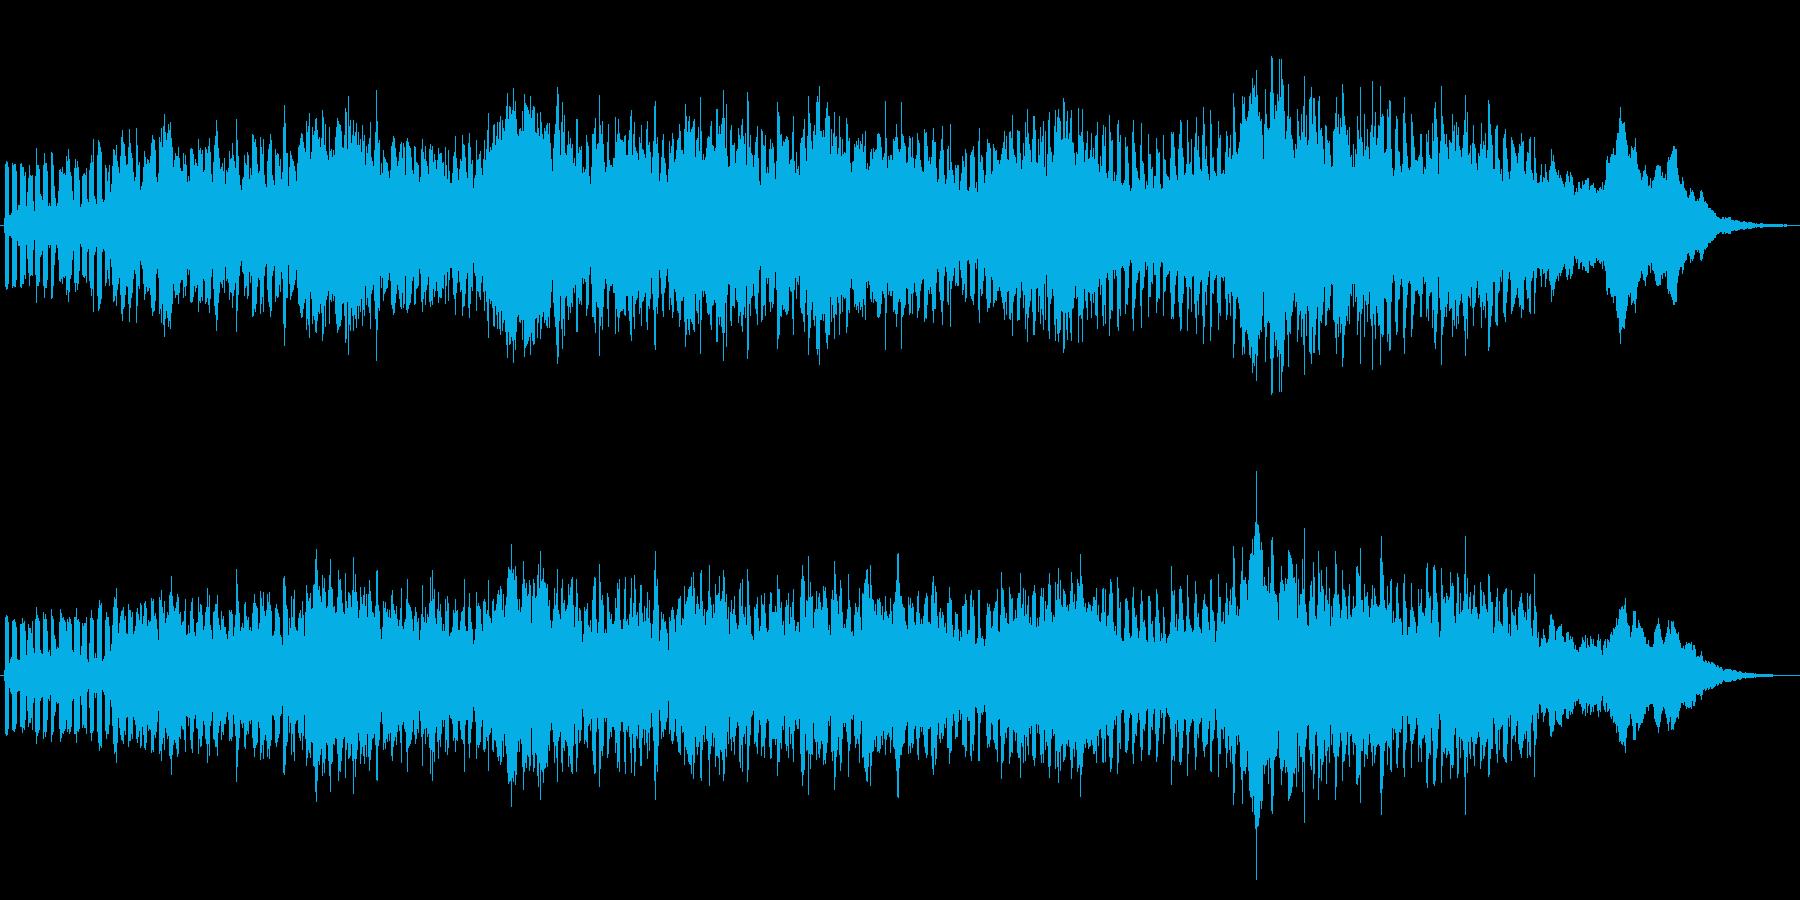 シンセパッドによる幻想的なジングル2の再生済みの波形